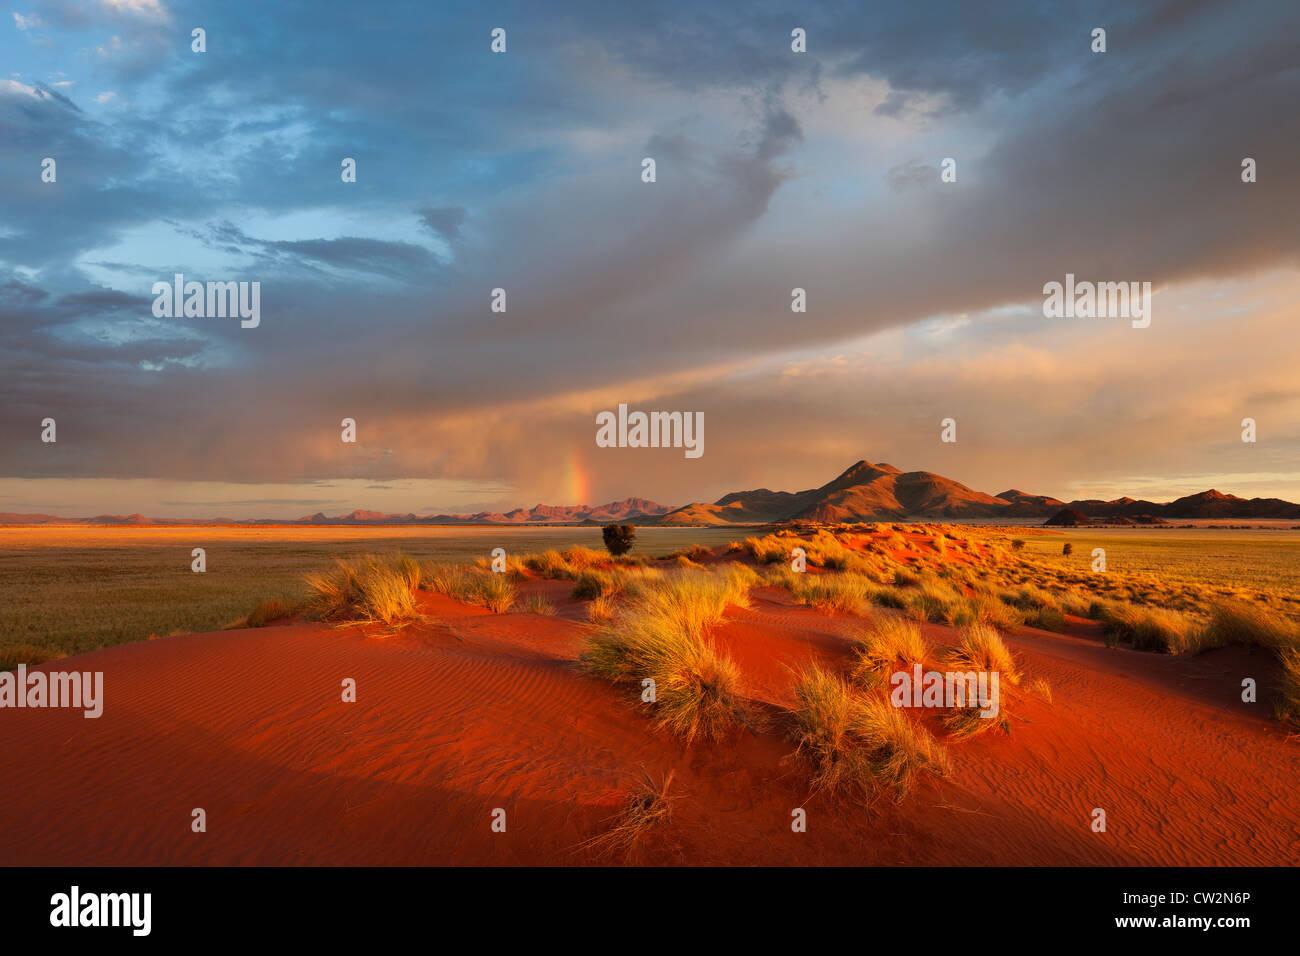 Paysage au coucher du soleil montrant l'écologie unique du sud-ouest du désert du Namib ou pro -le Photo Stock